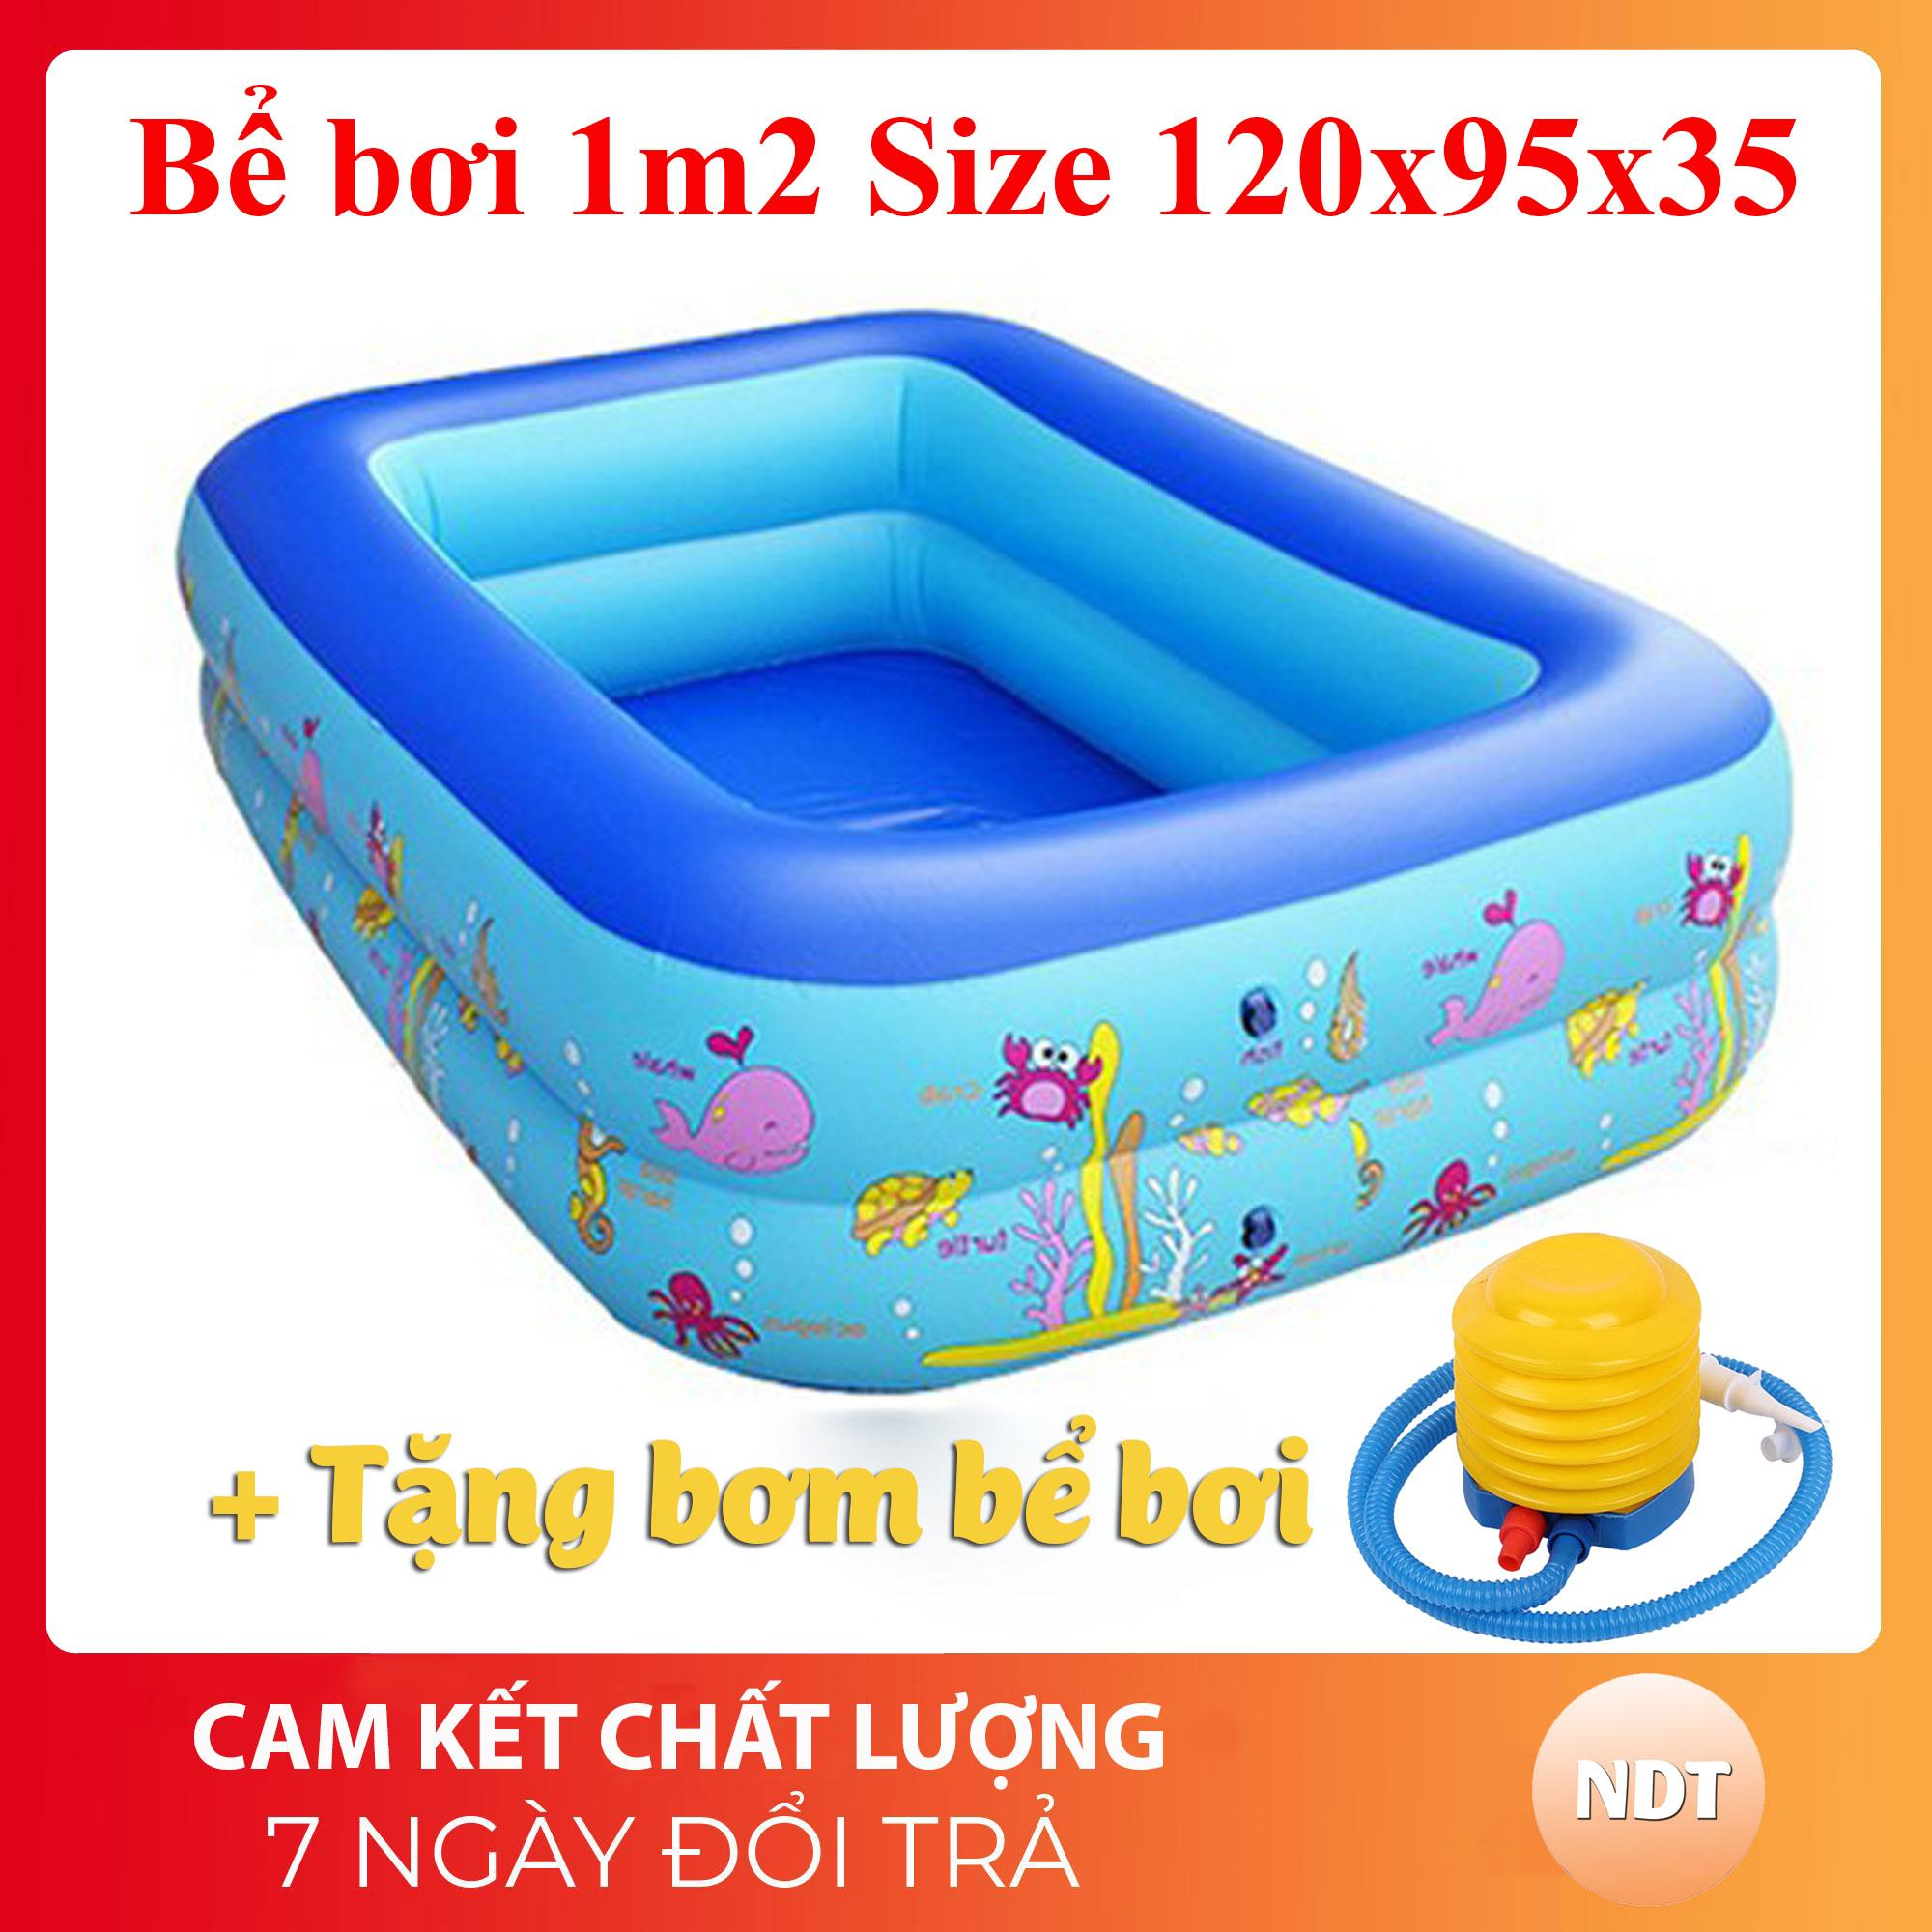 [Tặng Bơm + keo vá bể] Bể bơi phao 2 tầng hình chữ nhật Size 120x95x35 cho bé - Hồ bơi cho trẻ 1,2m + Bơm bể bơi Nhật Bản